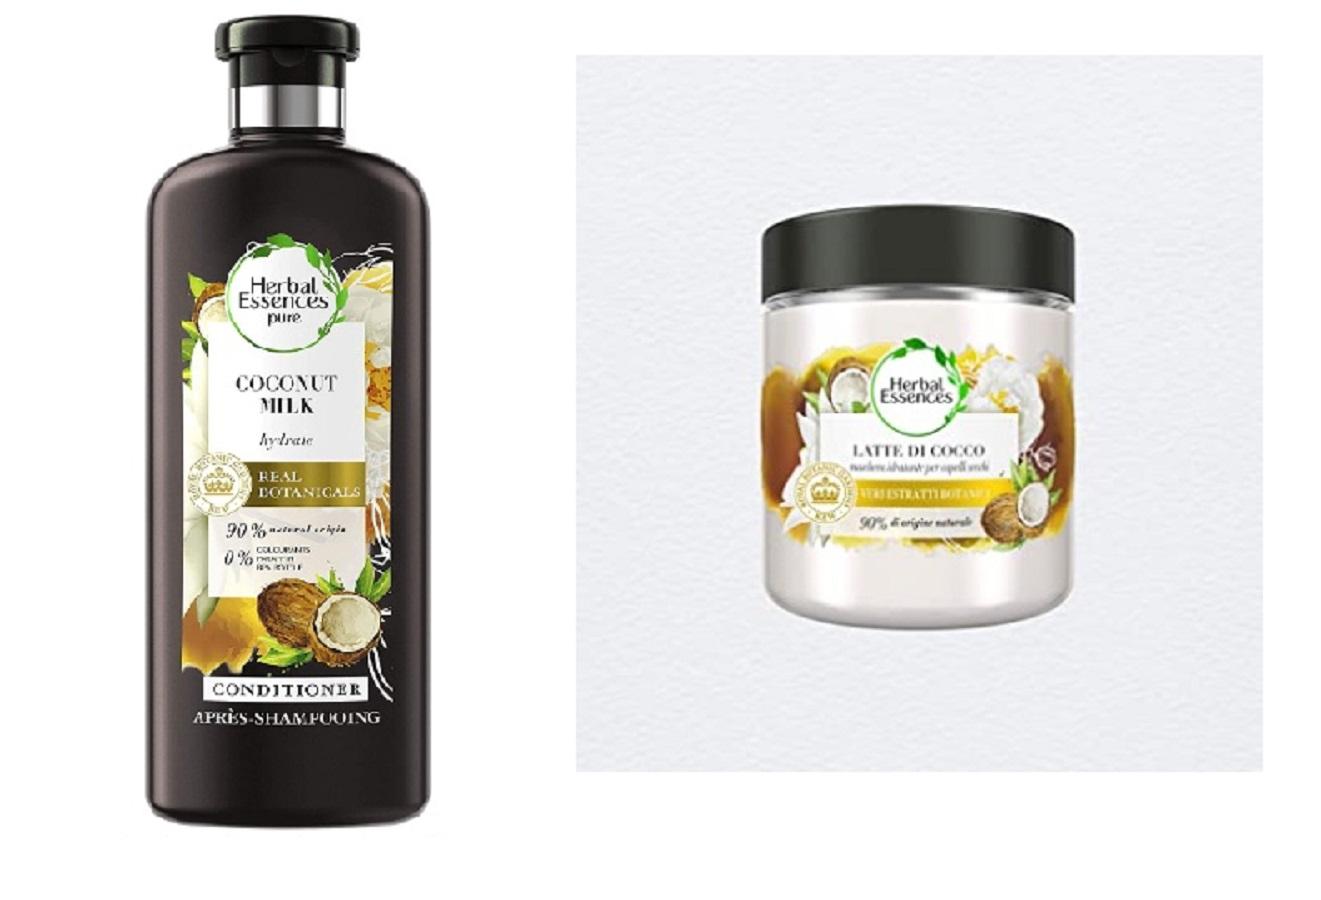 Recensione Herbal Essence al cocco: pro e contro